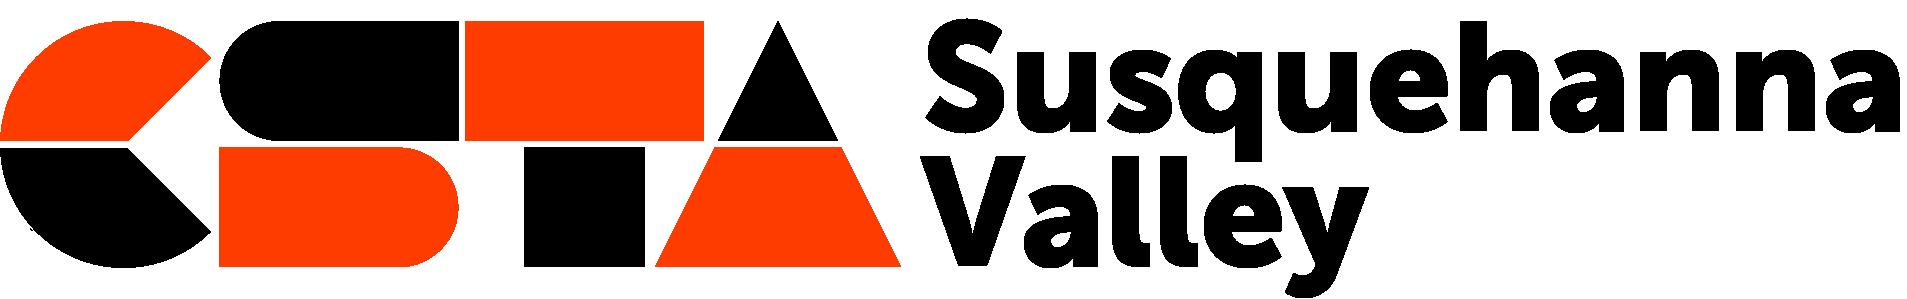 CSTA Susquehanna Valley (PA) logo